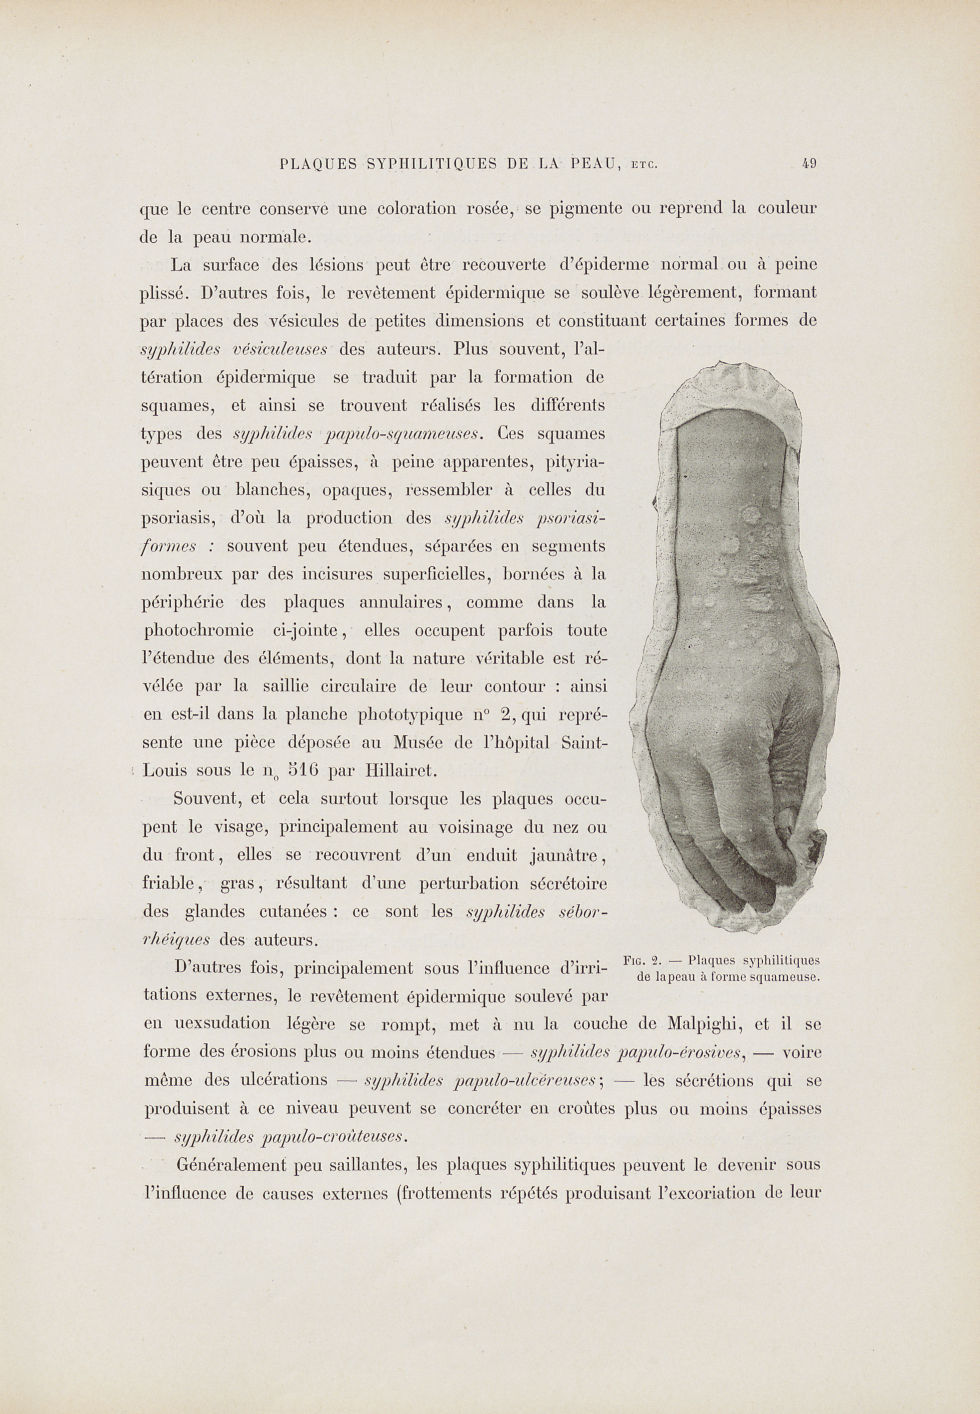 Fig. 2. Plaques syphilitiques de la peau à forme squameuse - Le musée de l'hôpital Saint-Louis : ico [...] - Dermatologie (peau). Syphilis (maladies infectieuses). Maladies sexuellement transmissibles. Membres supérieurs. Poignets, mains. 19e siècle (France) - med01740x0064